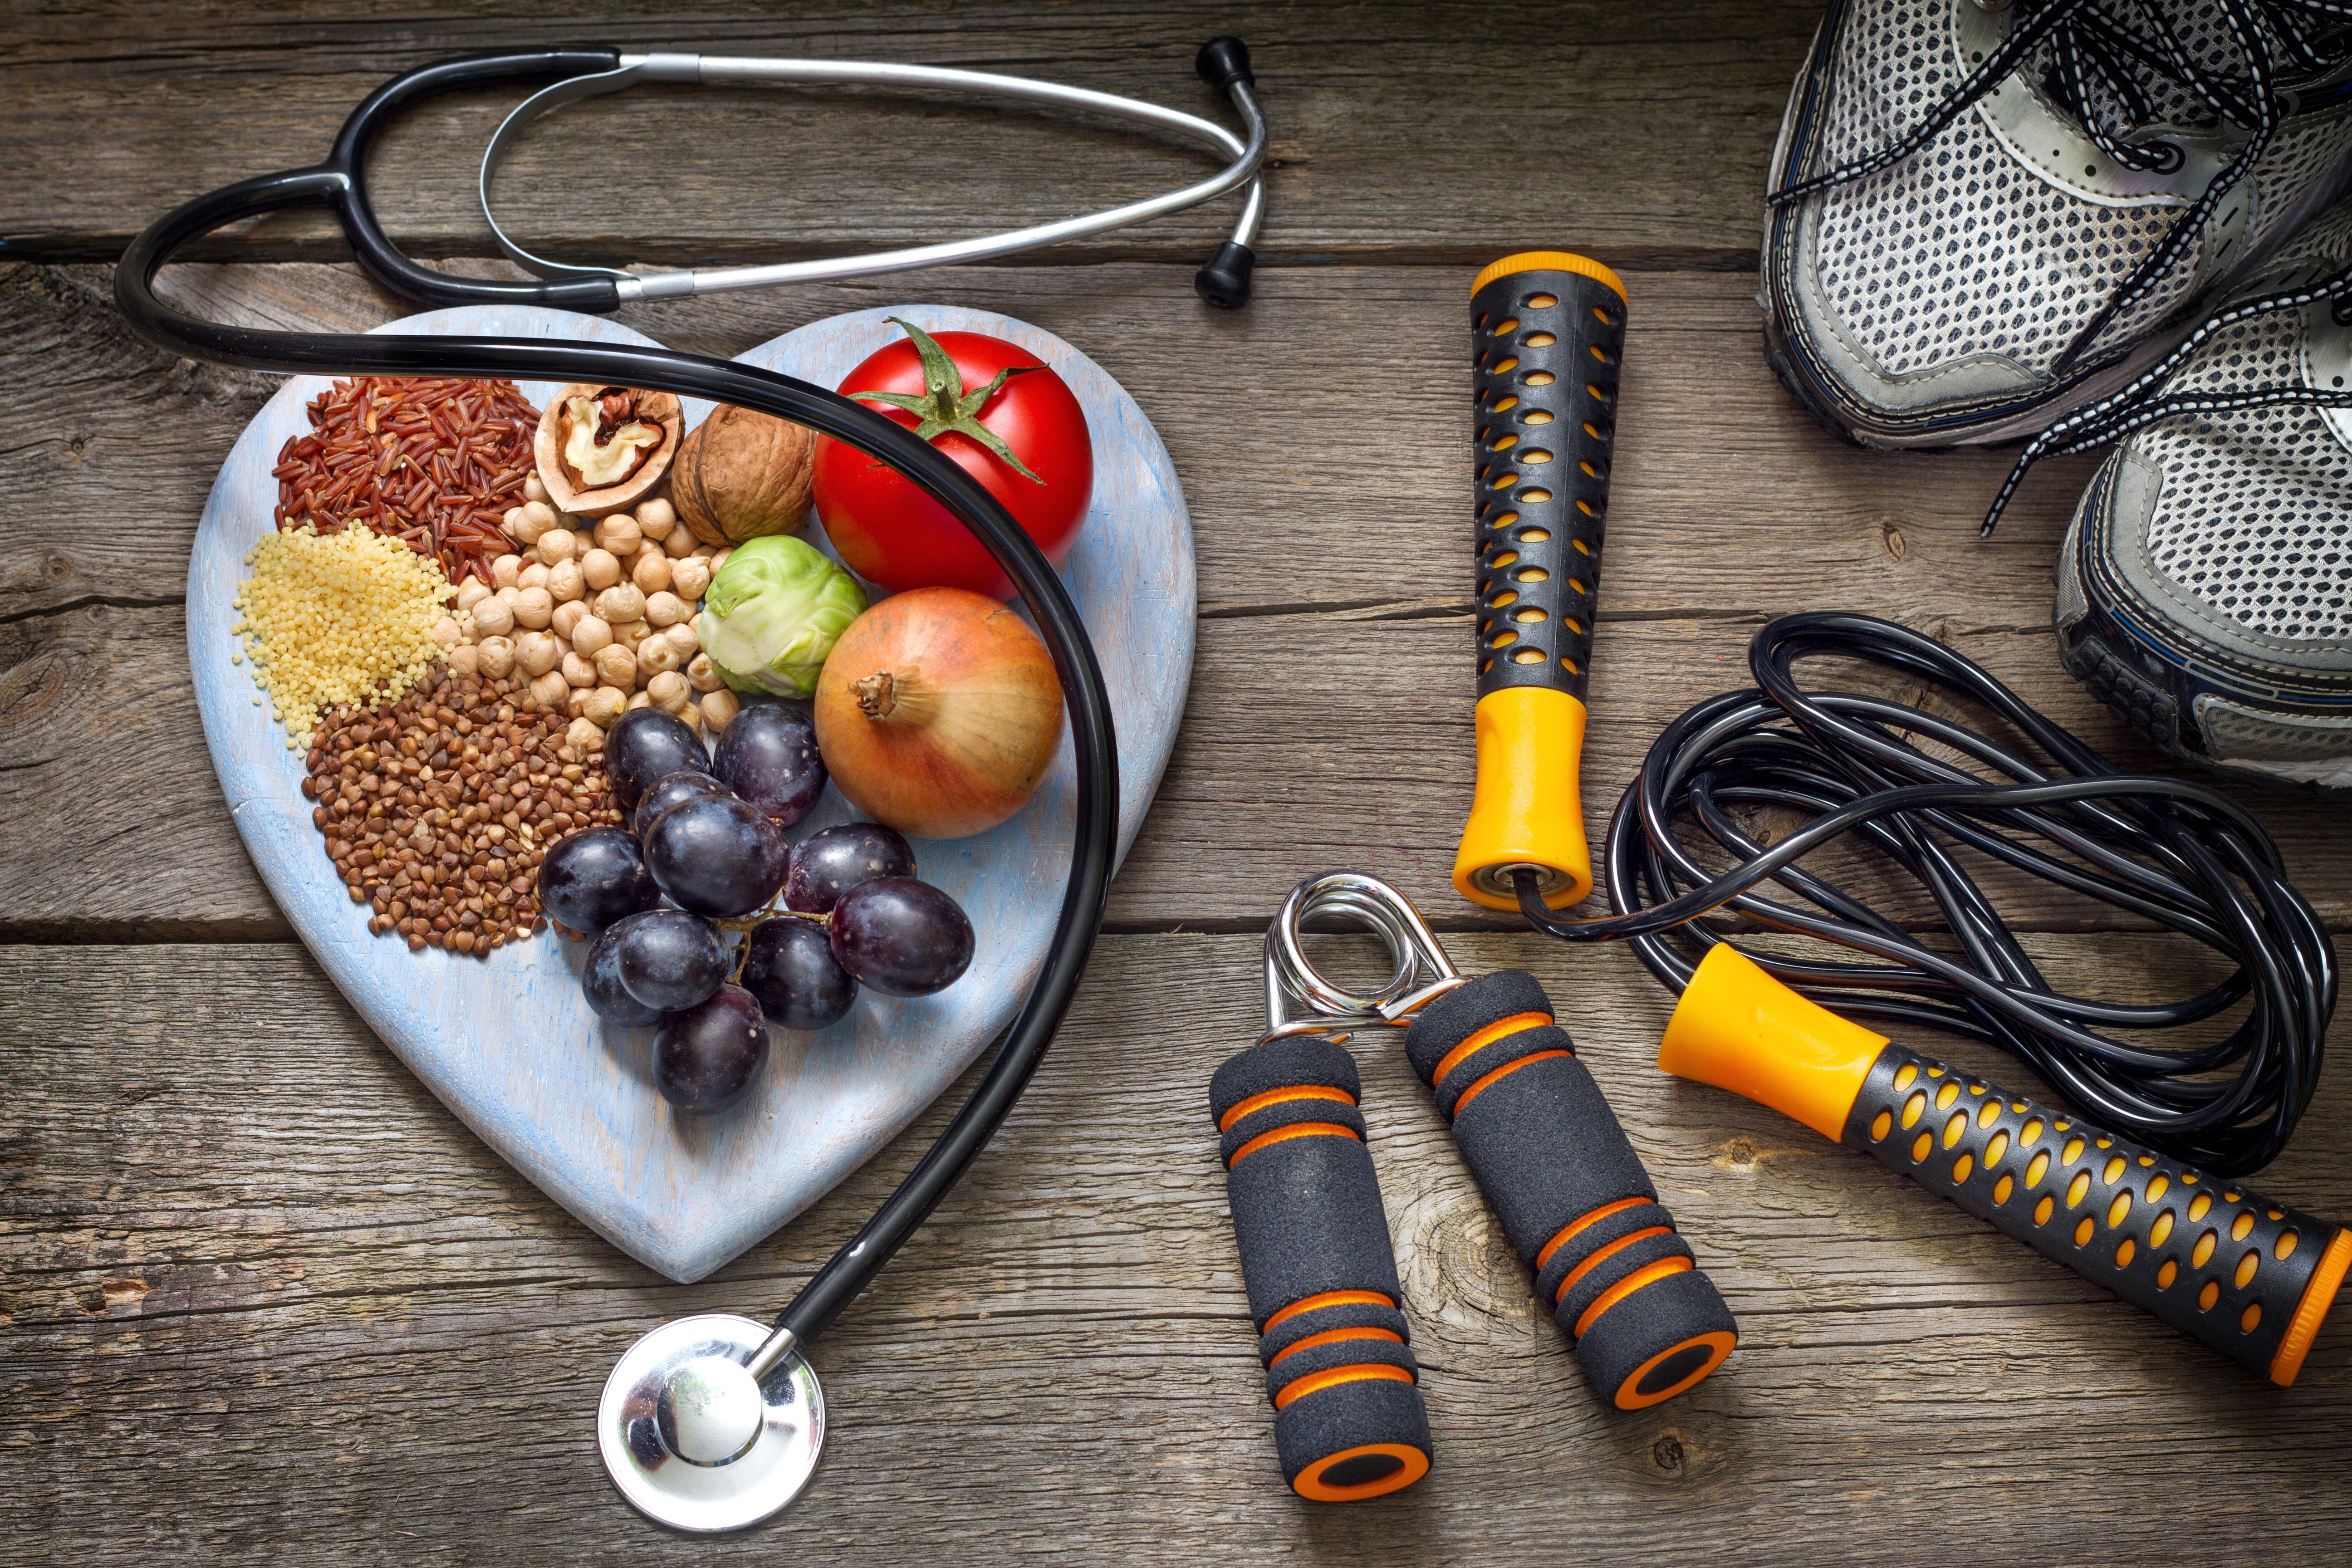 Foto de um prato de alimentos saudáveis, ajuda de um profissional capacitado e exercício físico que são 3 elementos fundamentais para quem quer iniciar e abrir uma clínica de nutrição